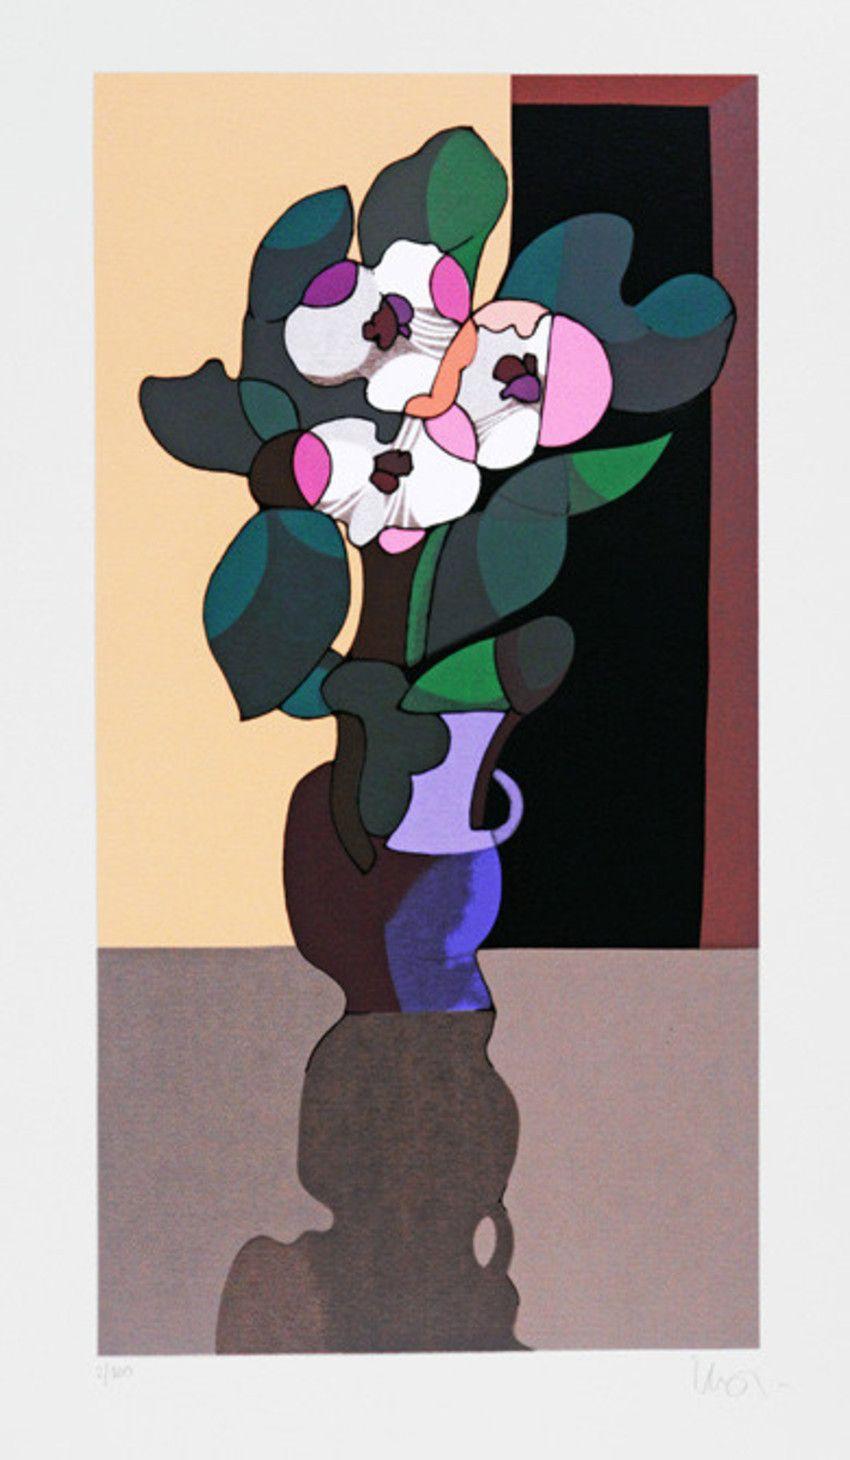 Inos Corradin - Serigrafia 60x41 cm - Gravurarte